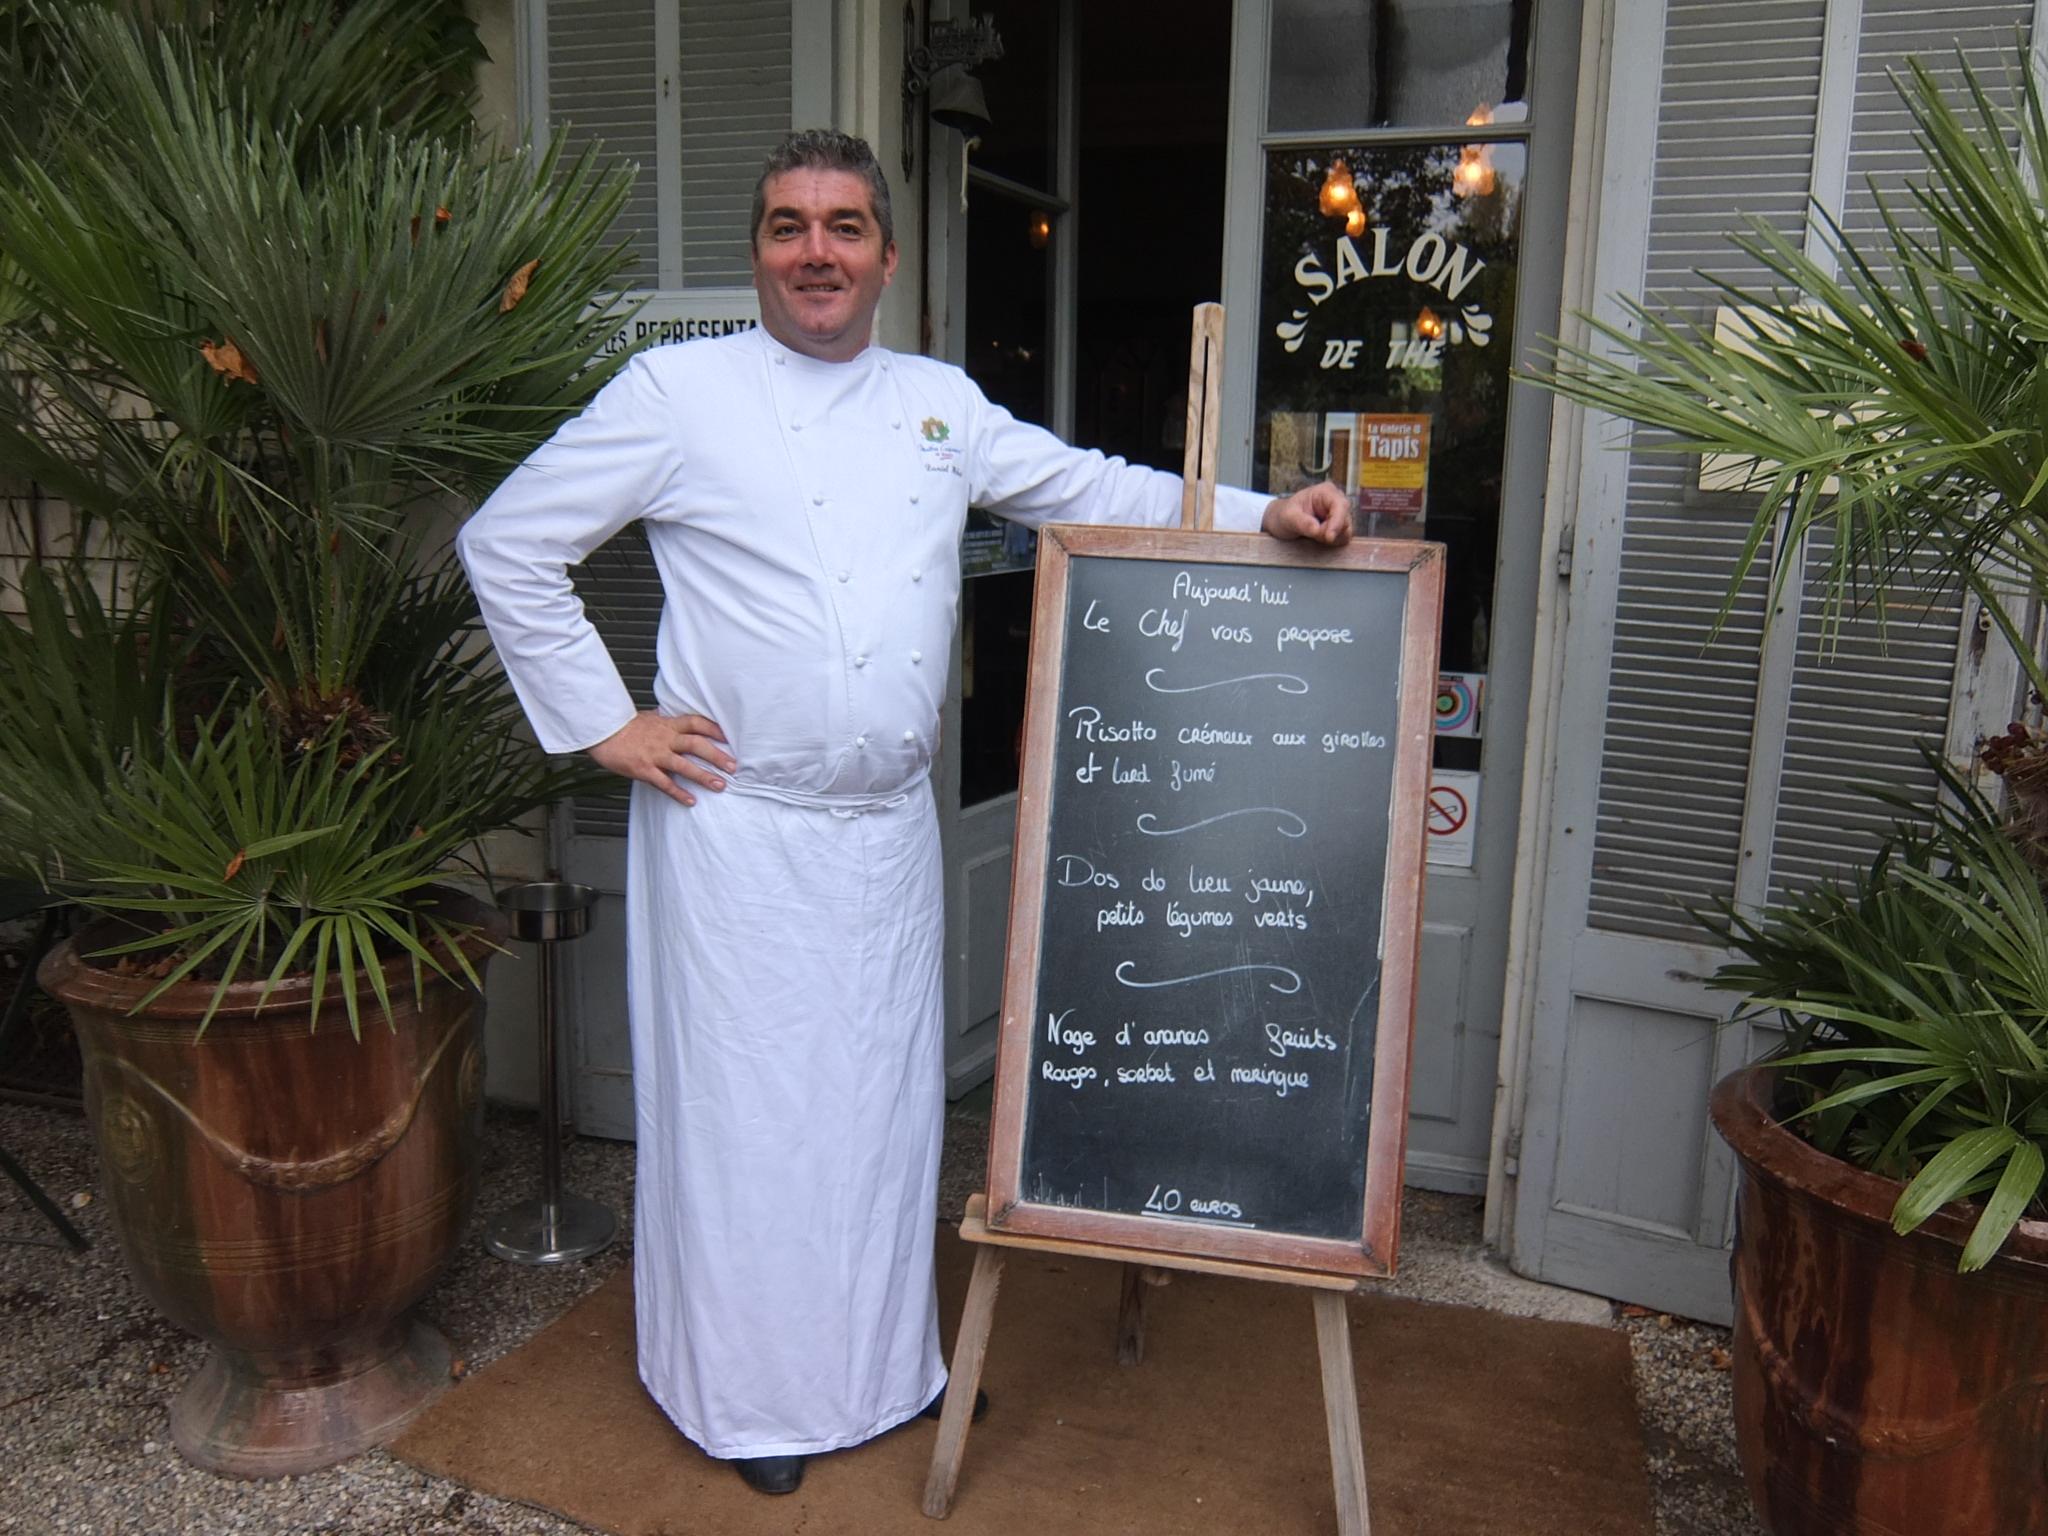 Le jardin des quais restaurant l 39 isle sur la sorgue h bet son bistrot et son quai coups de - Le jardin du quai isle sur la sorgue ...